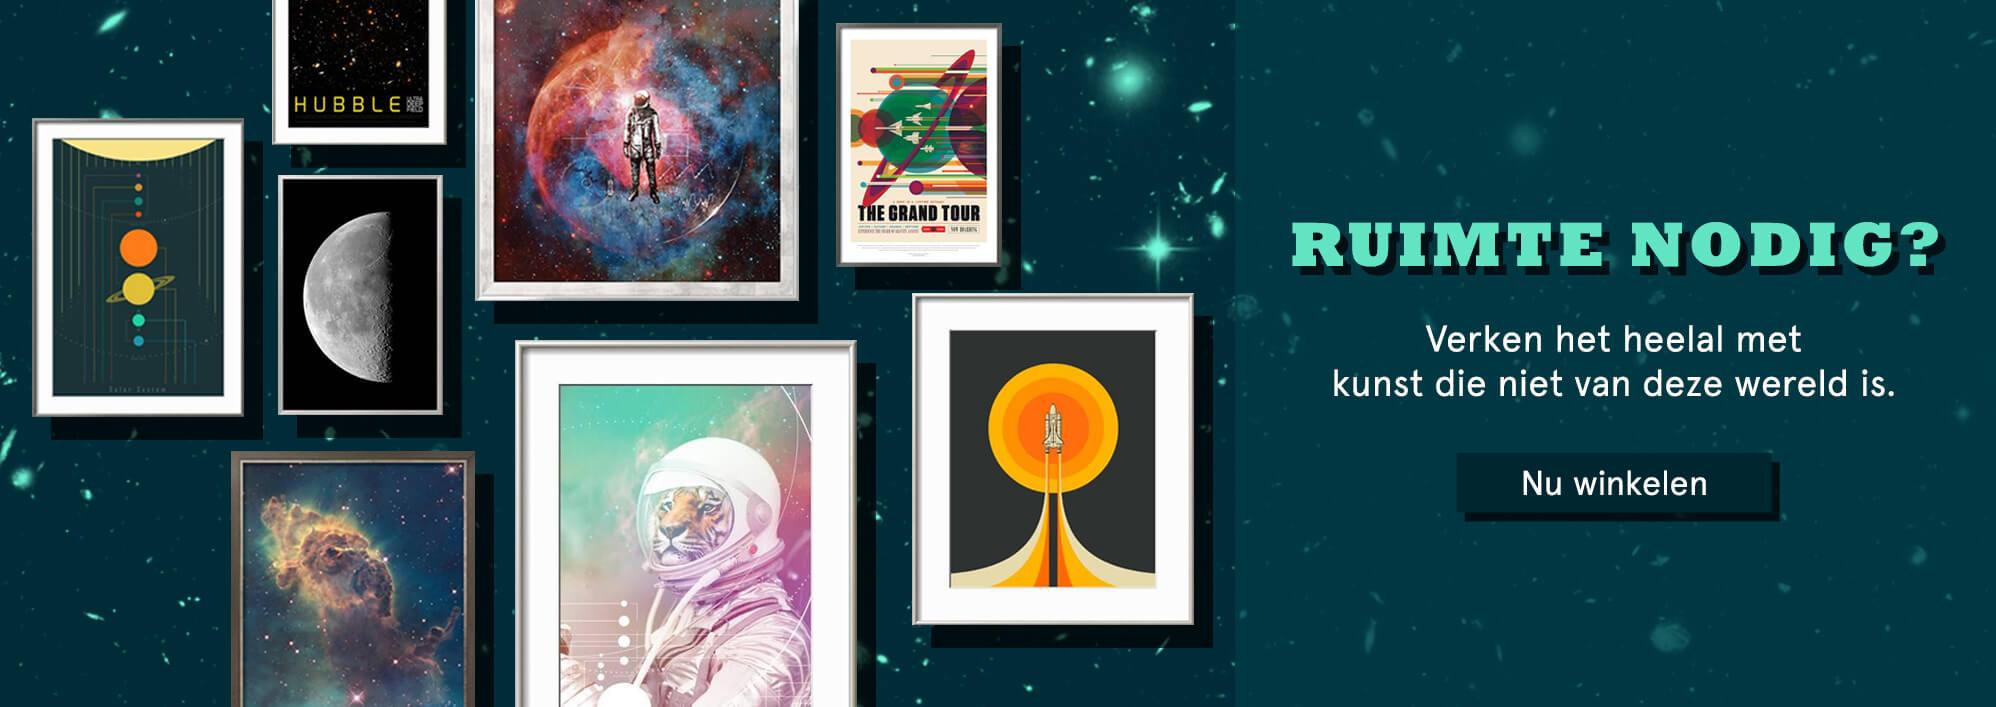 Ruimte nodig? Verken het heelal met kunst die niet van deze wereld is. Nu winkelen.